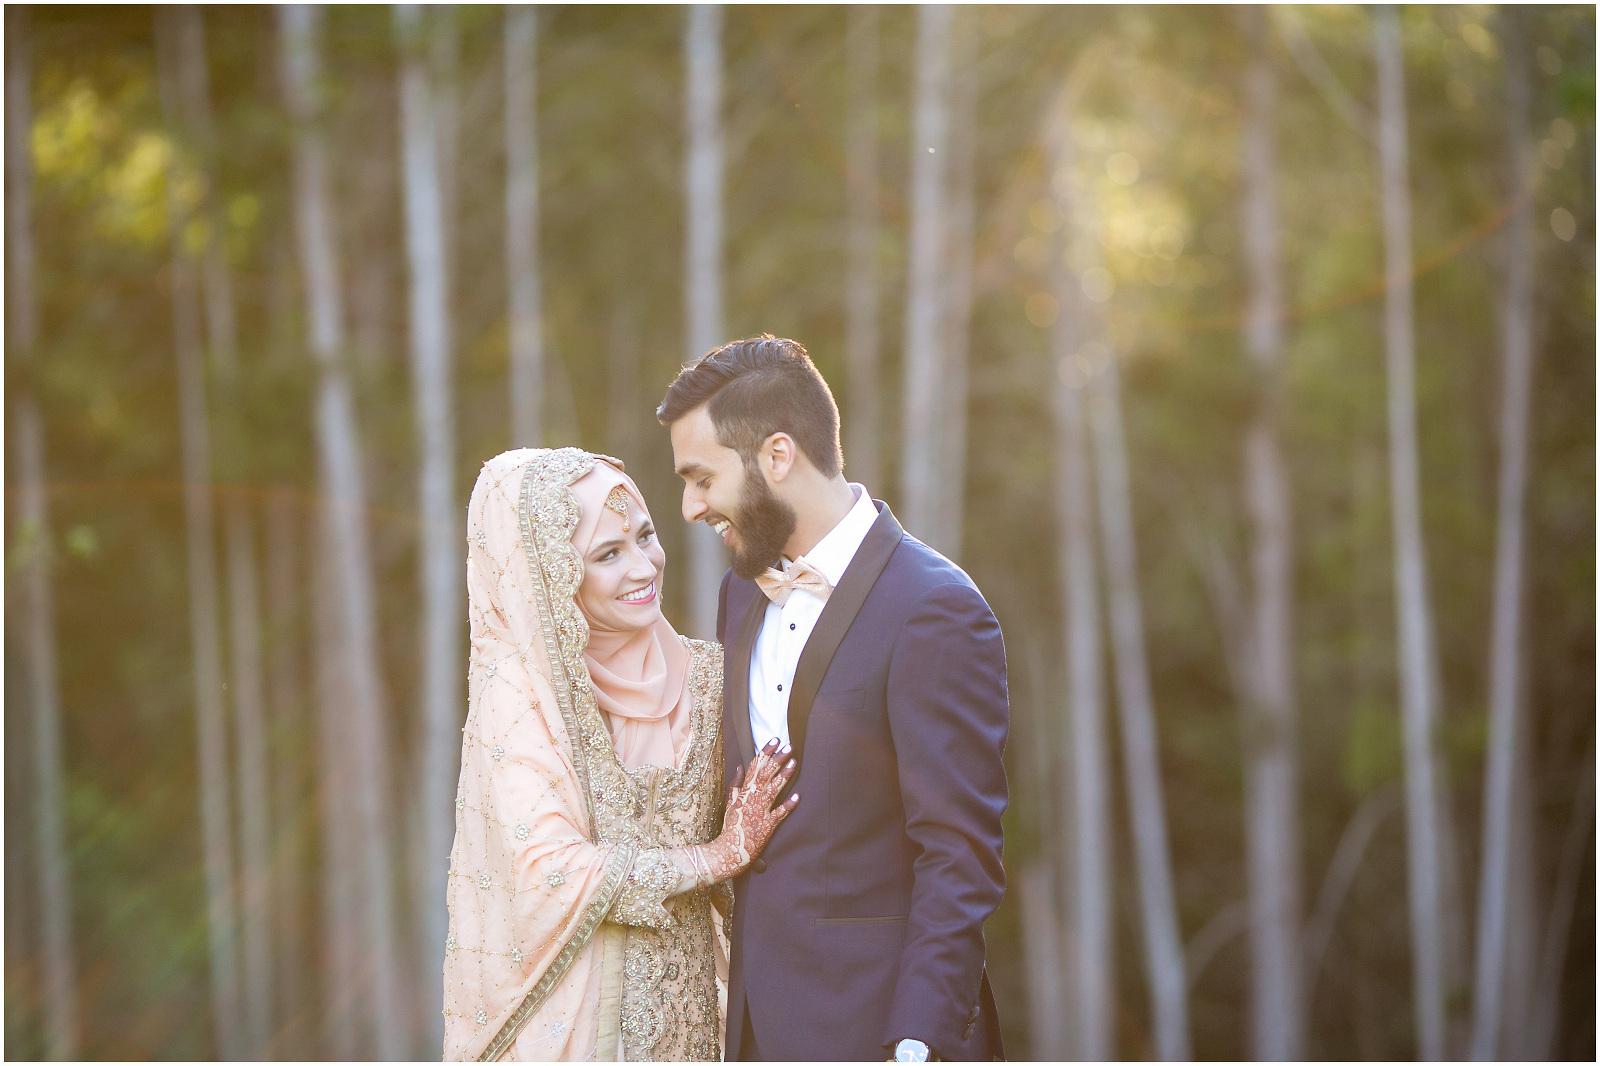 muslim bride groom woods sunset